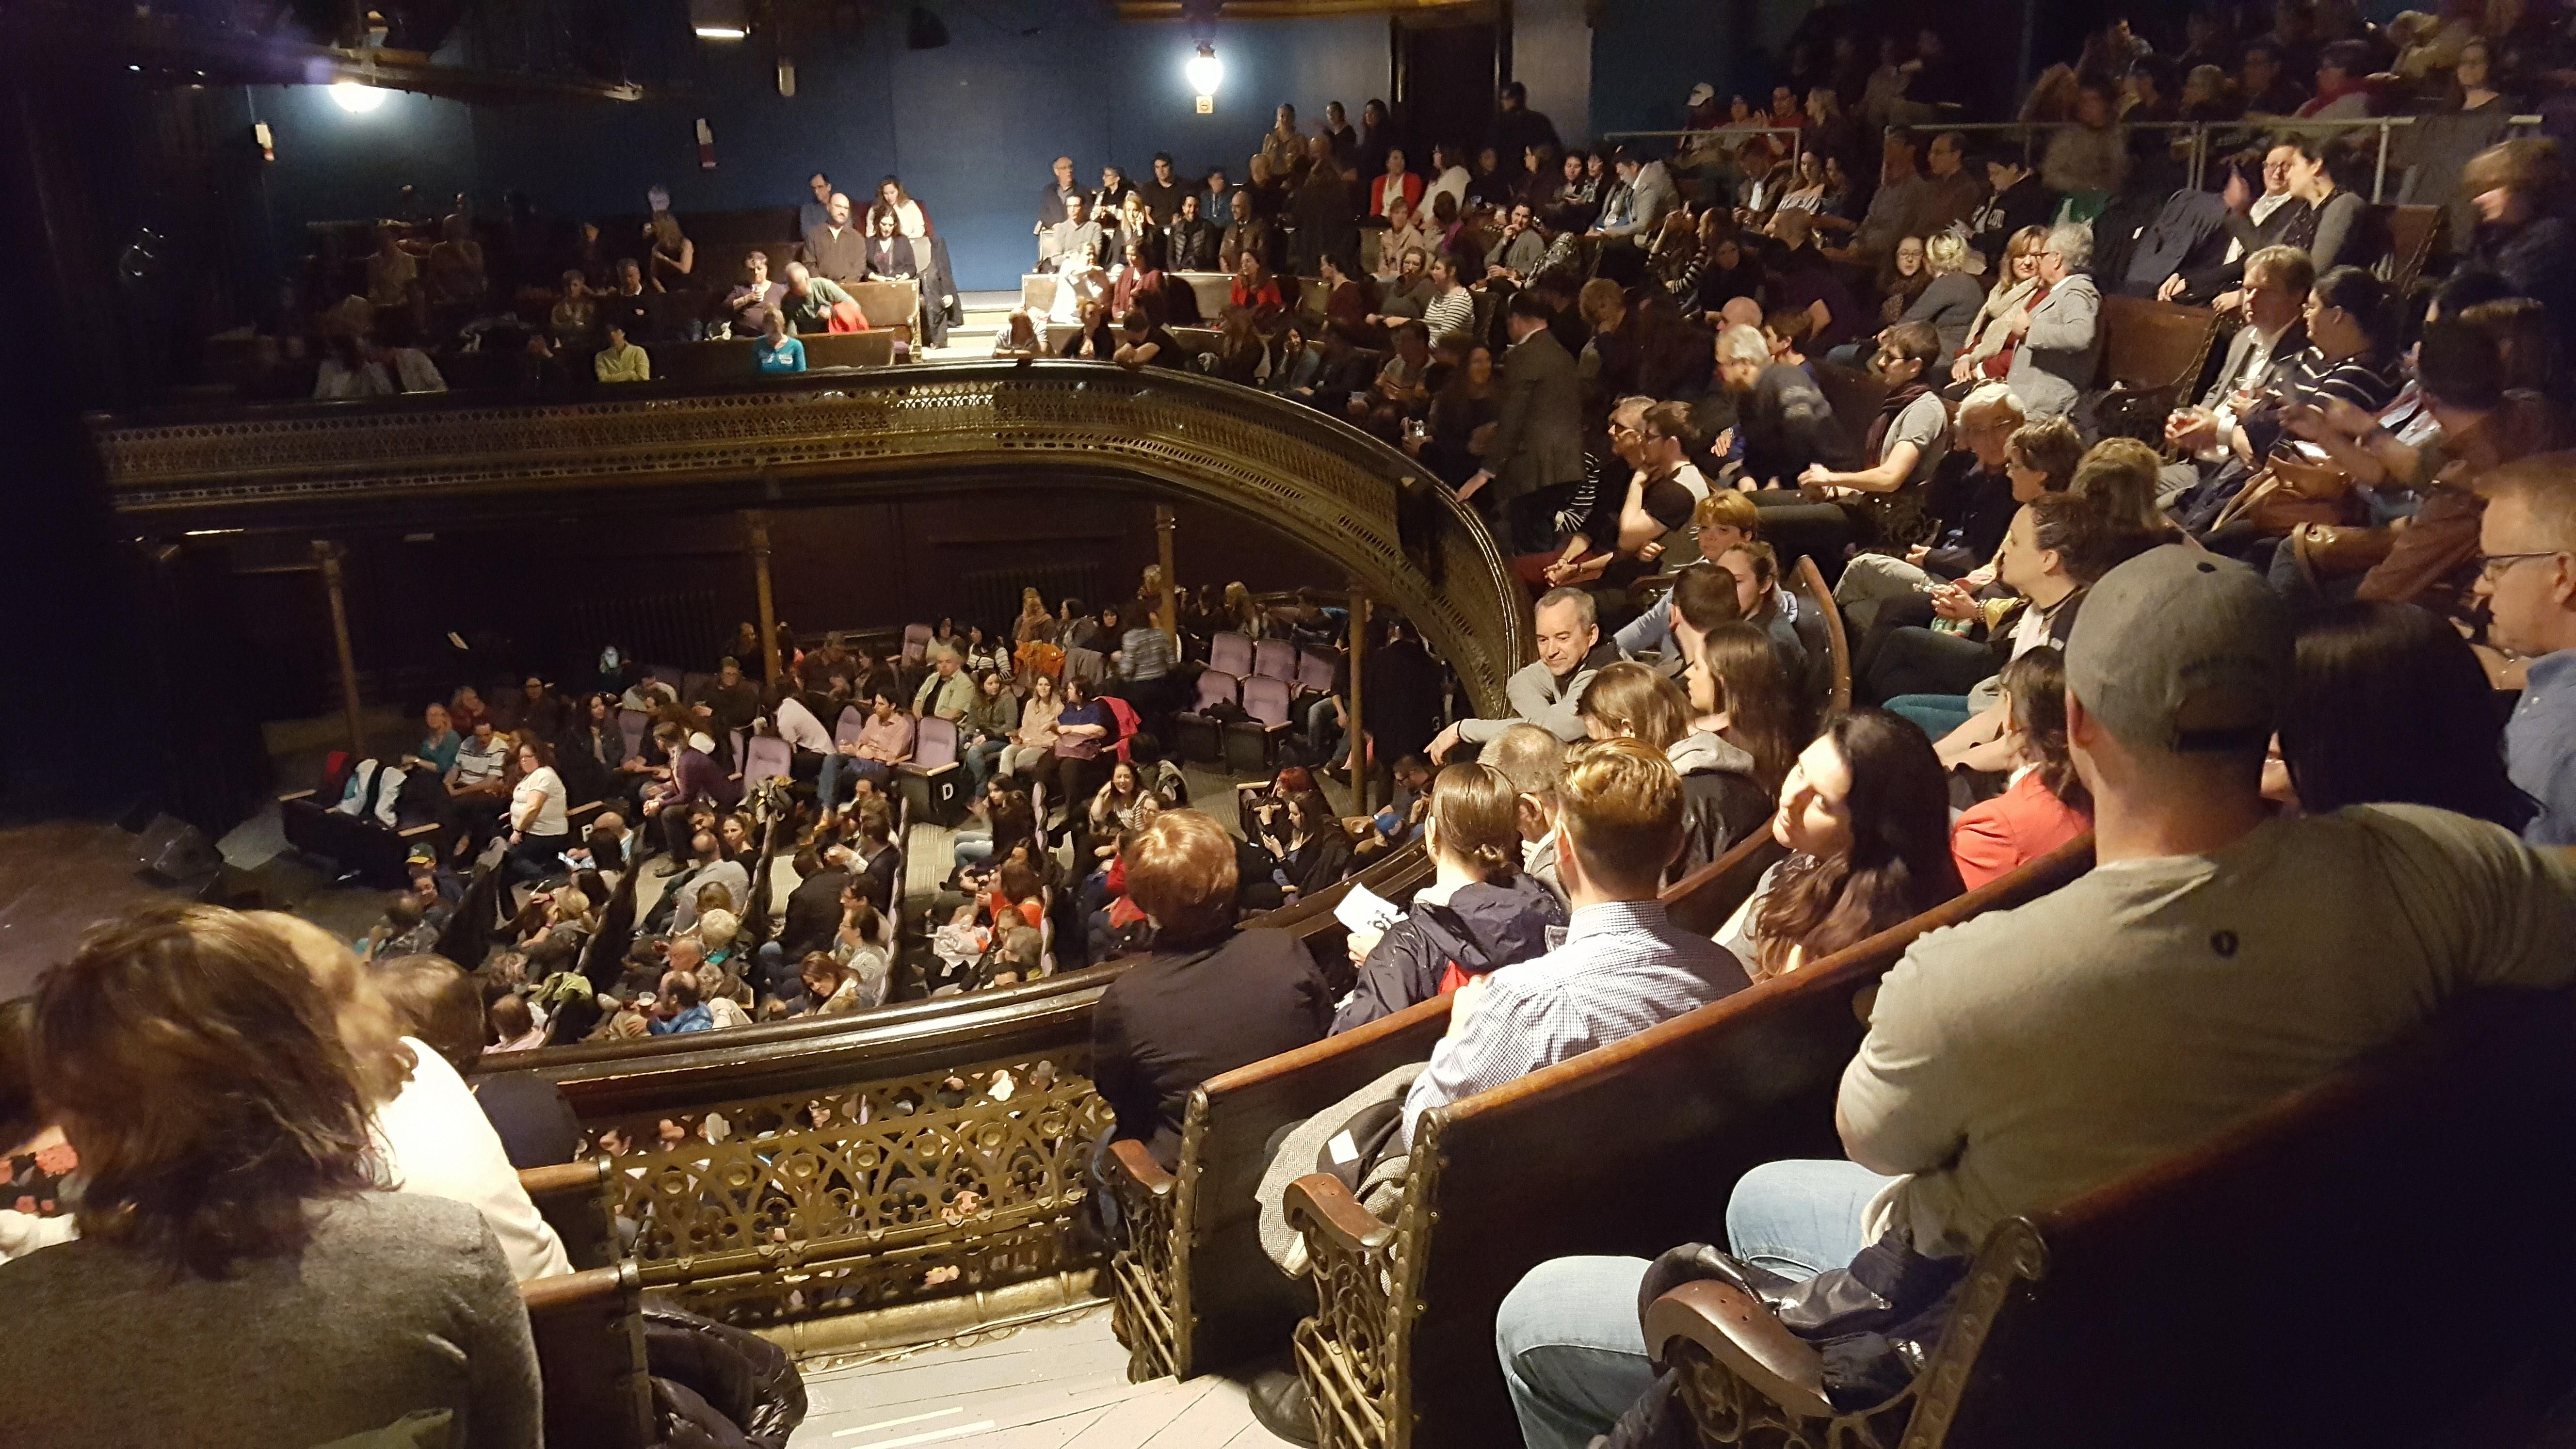 Francophonie en fête a rempli le Randolph Theatre les 4 et 5 mai. (Photo: Nathalie Prézeau)